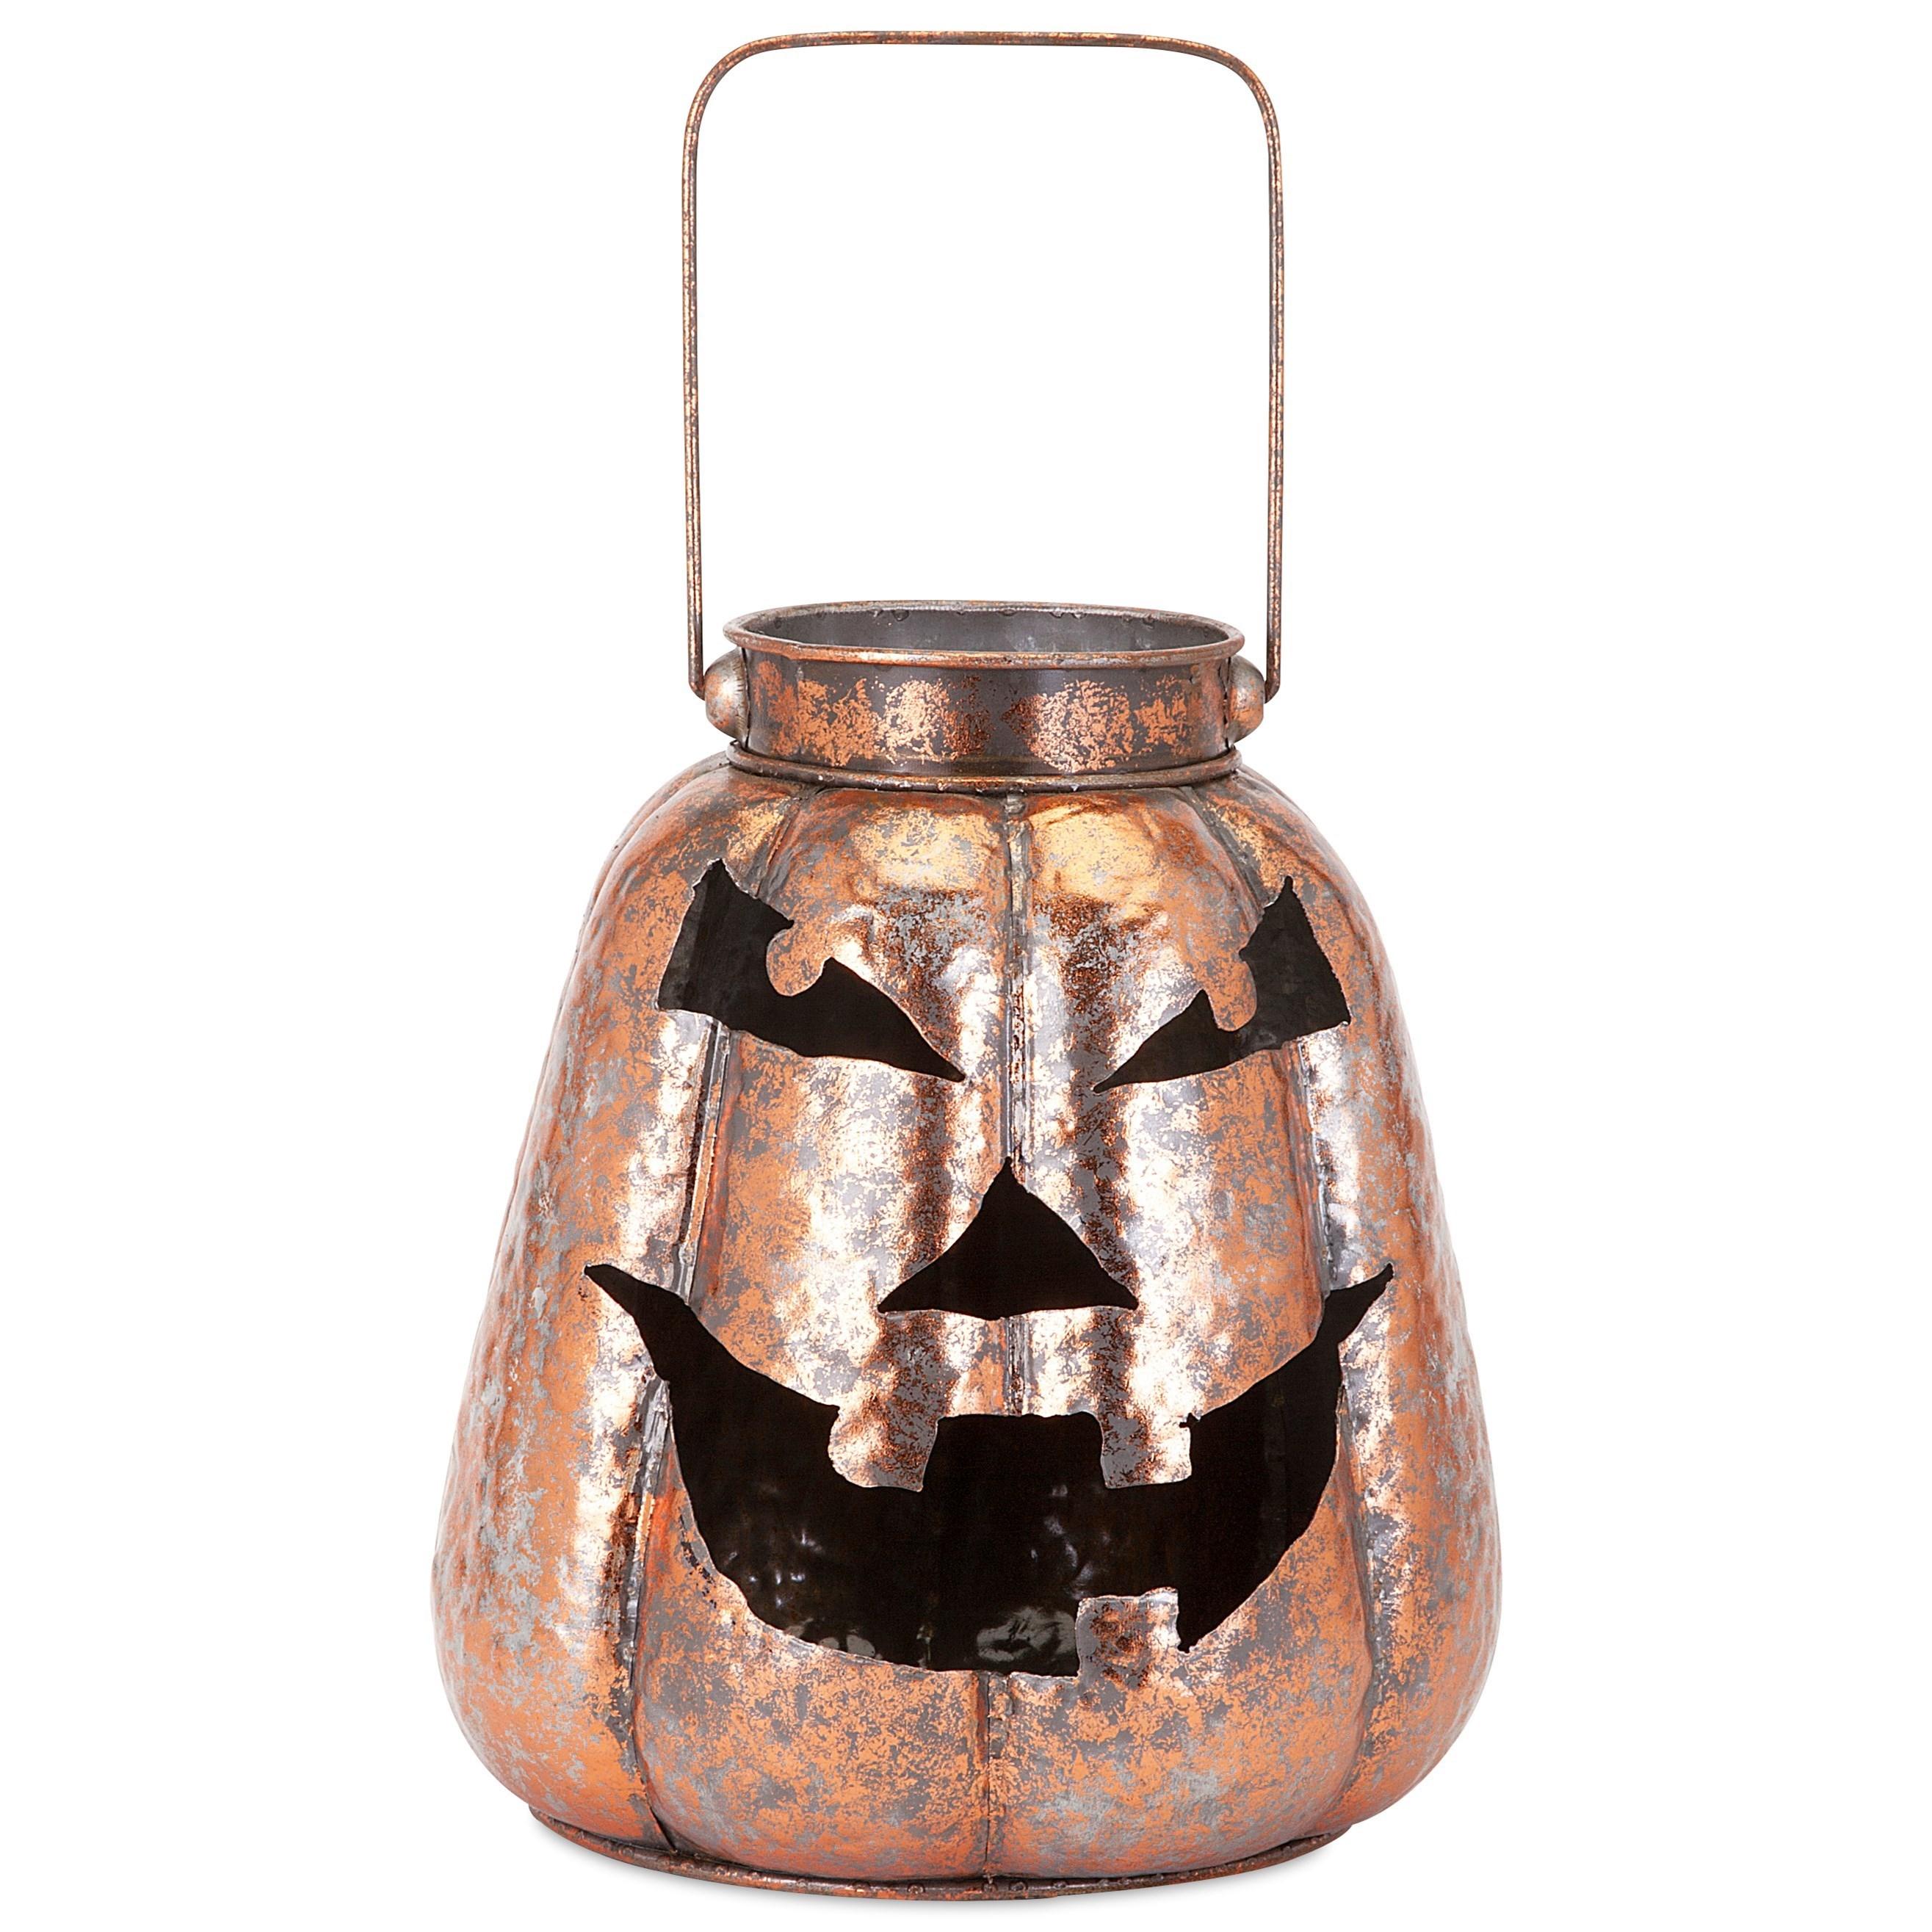 Rocco Copper Finish Jack-o'-lantern